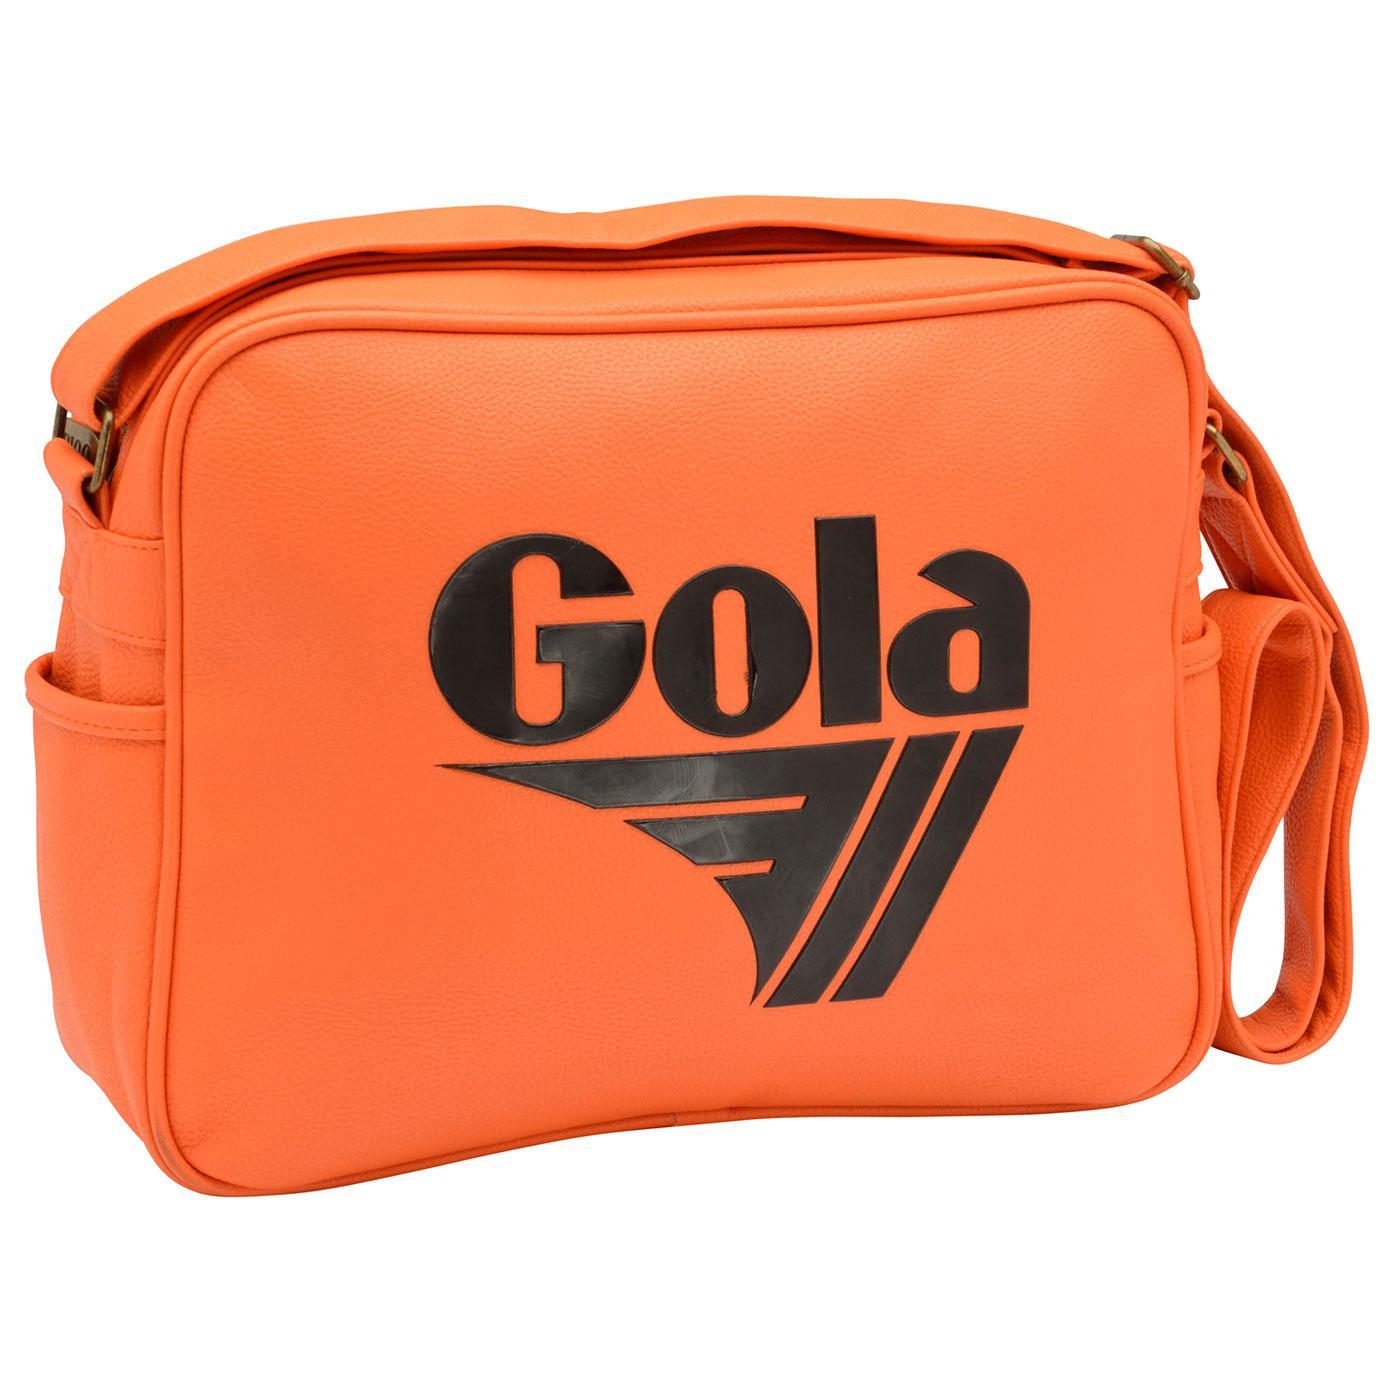 GOLA Redford Tournament Shoulder Bag ORANGE/BLACK